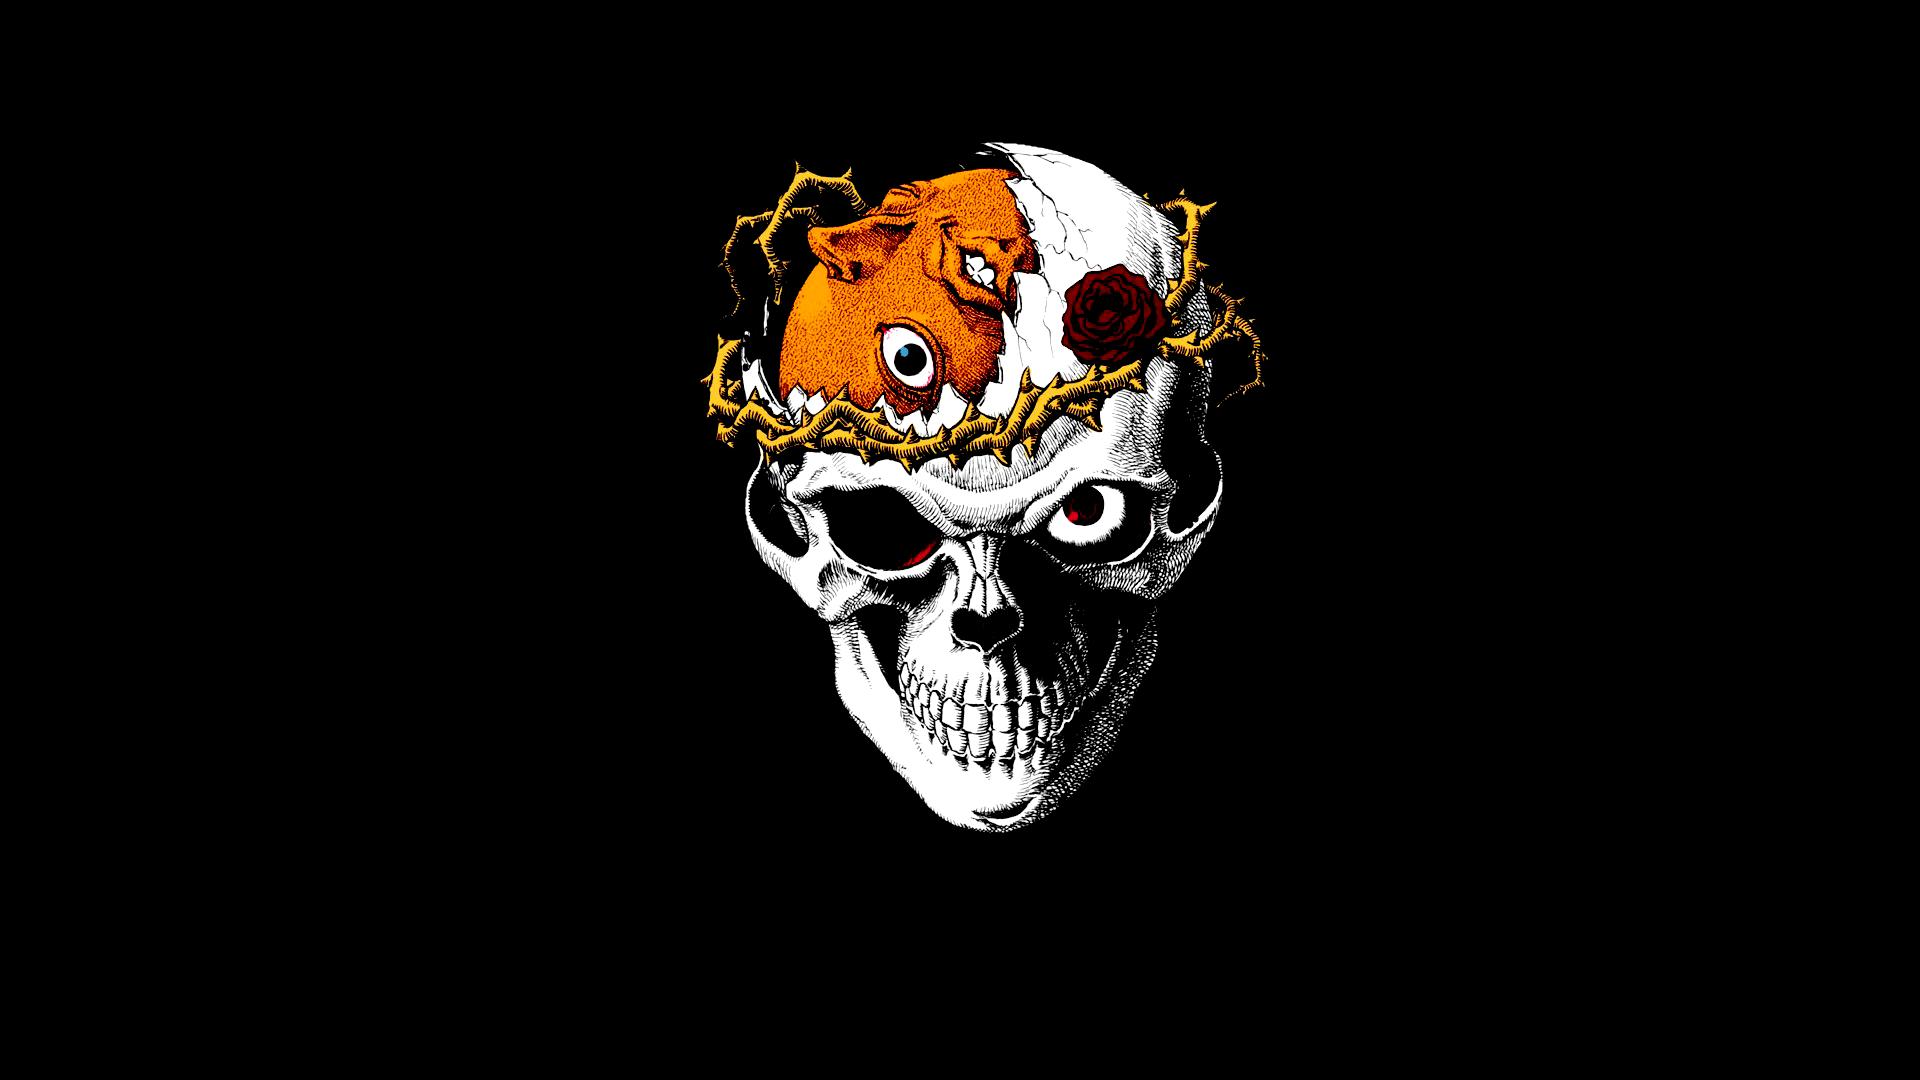 Illustration Cartoon Berserk Skull Kentaro Miura Behelit Computer Wallpaper Human Body Organ